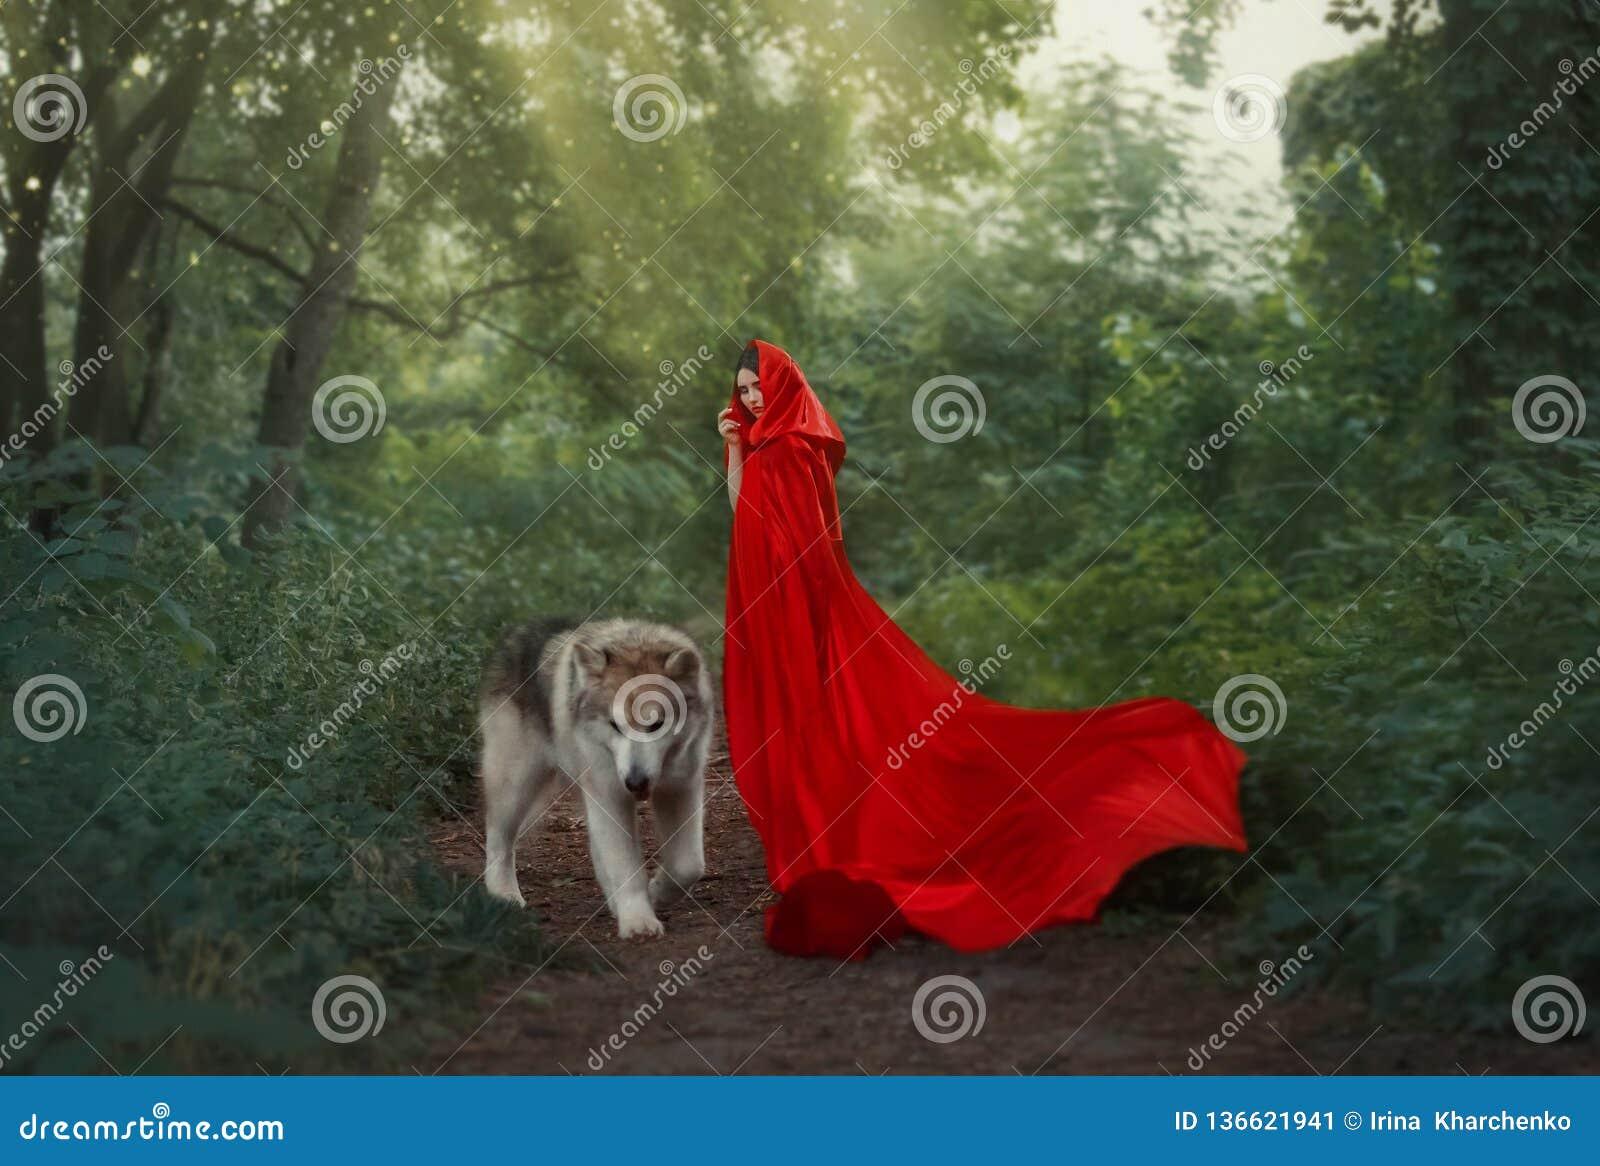 Image fantastique mignonne du caractère de conte de fées, fille aux cheveux foncés mystérieuse avec le long vol ondulant lumineux